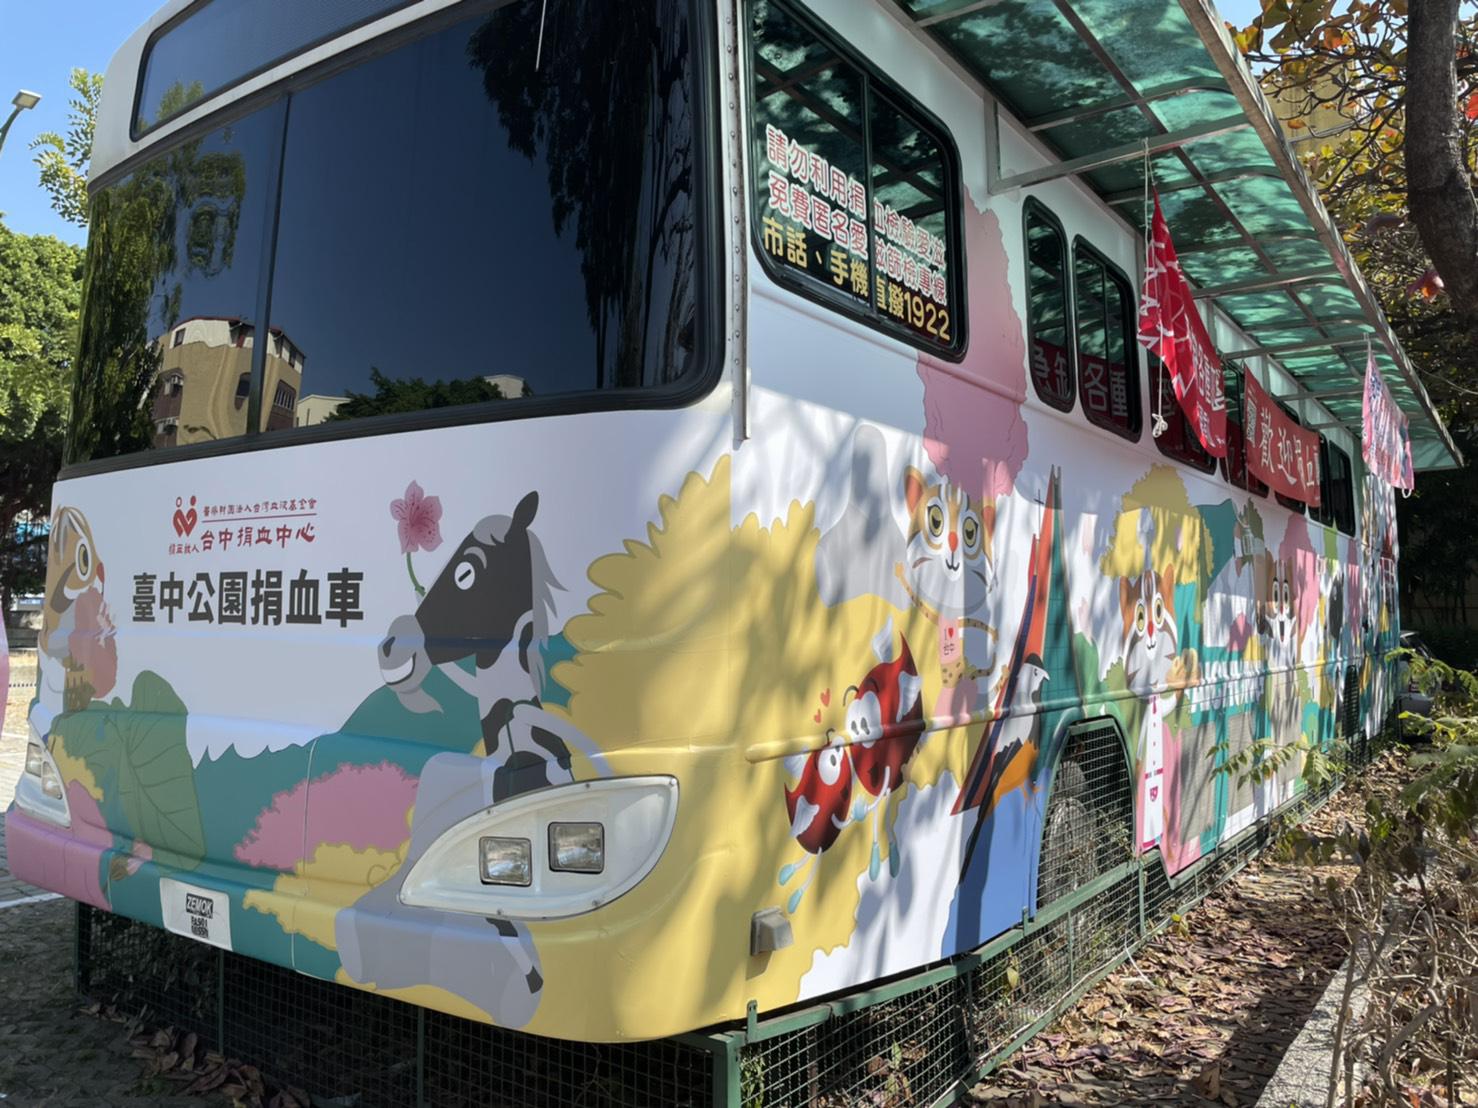 臺中公園捐血車實體照片